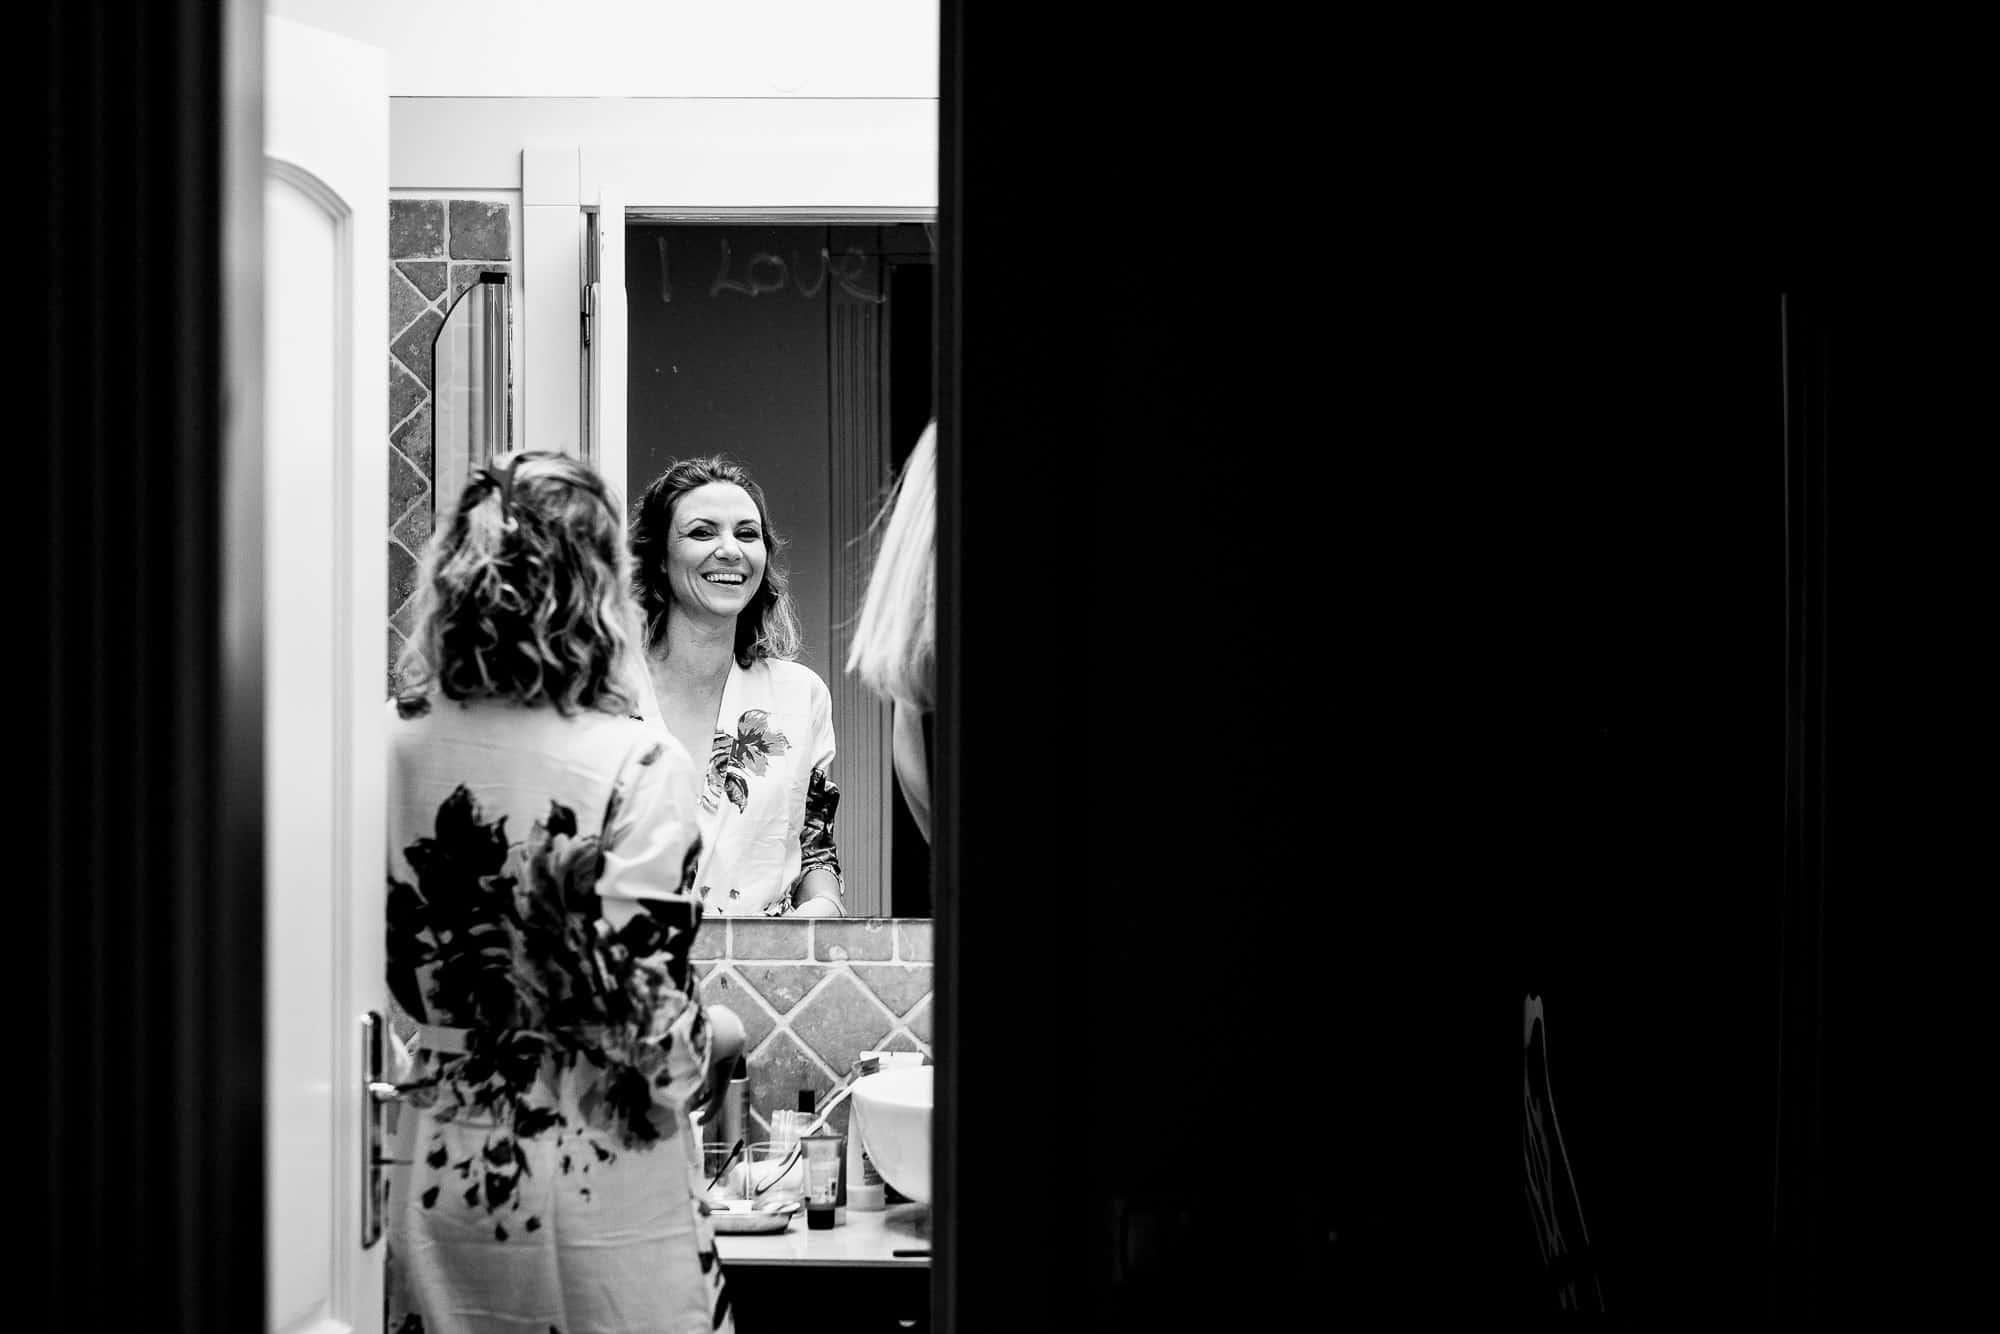 algarve-wedding-photographer-matt-tyler-0011